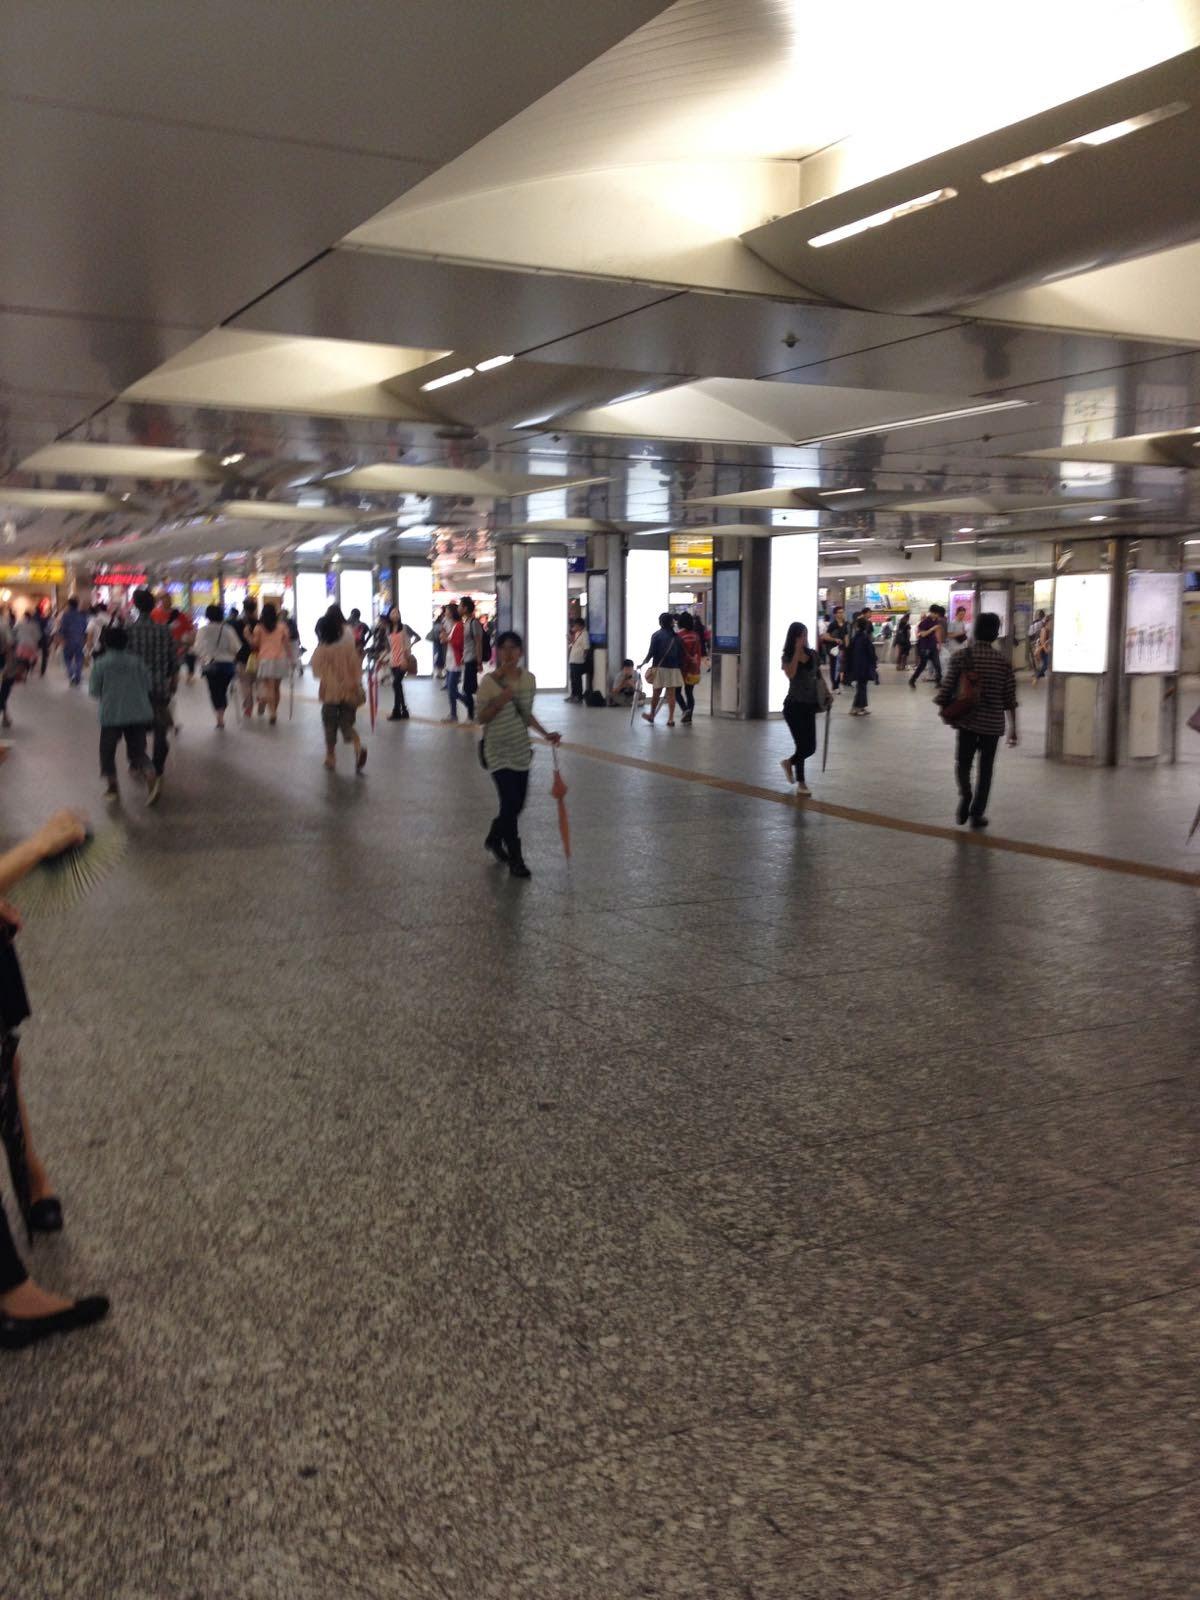 The  centre of Yokohama Station